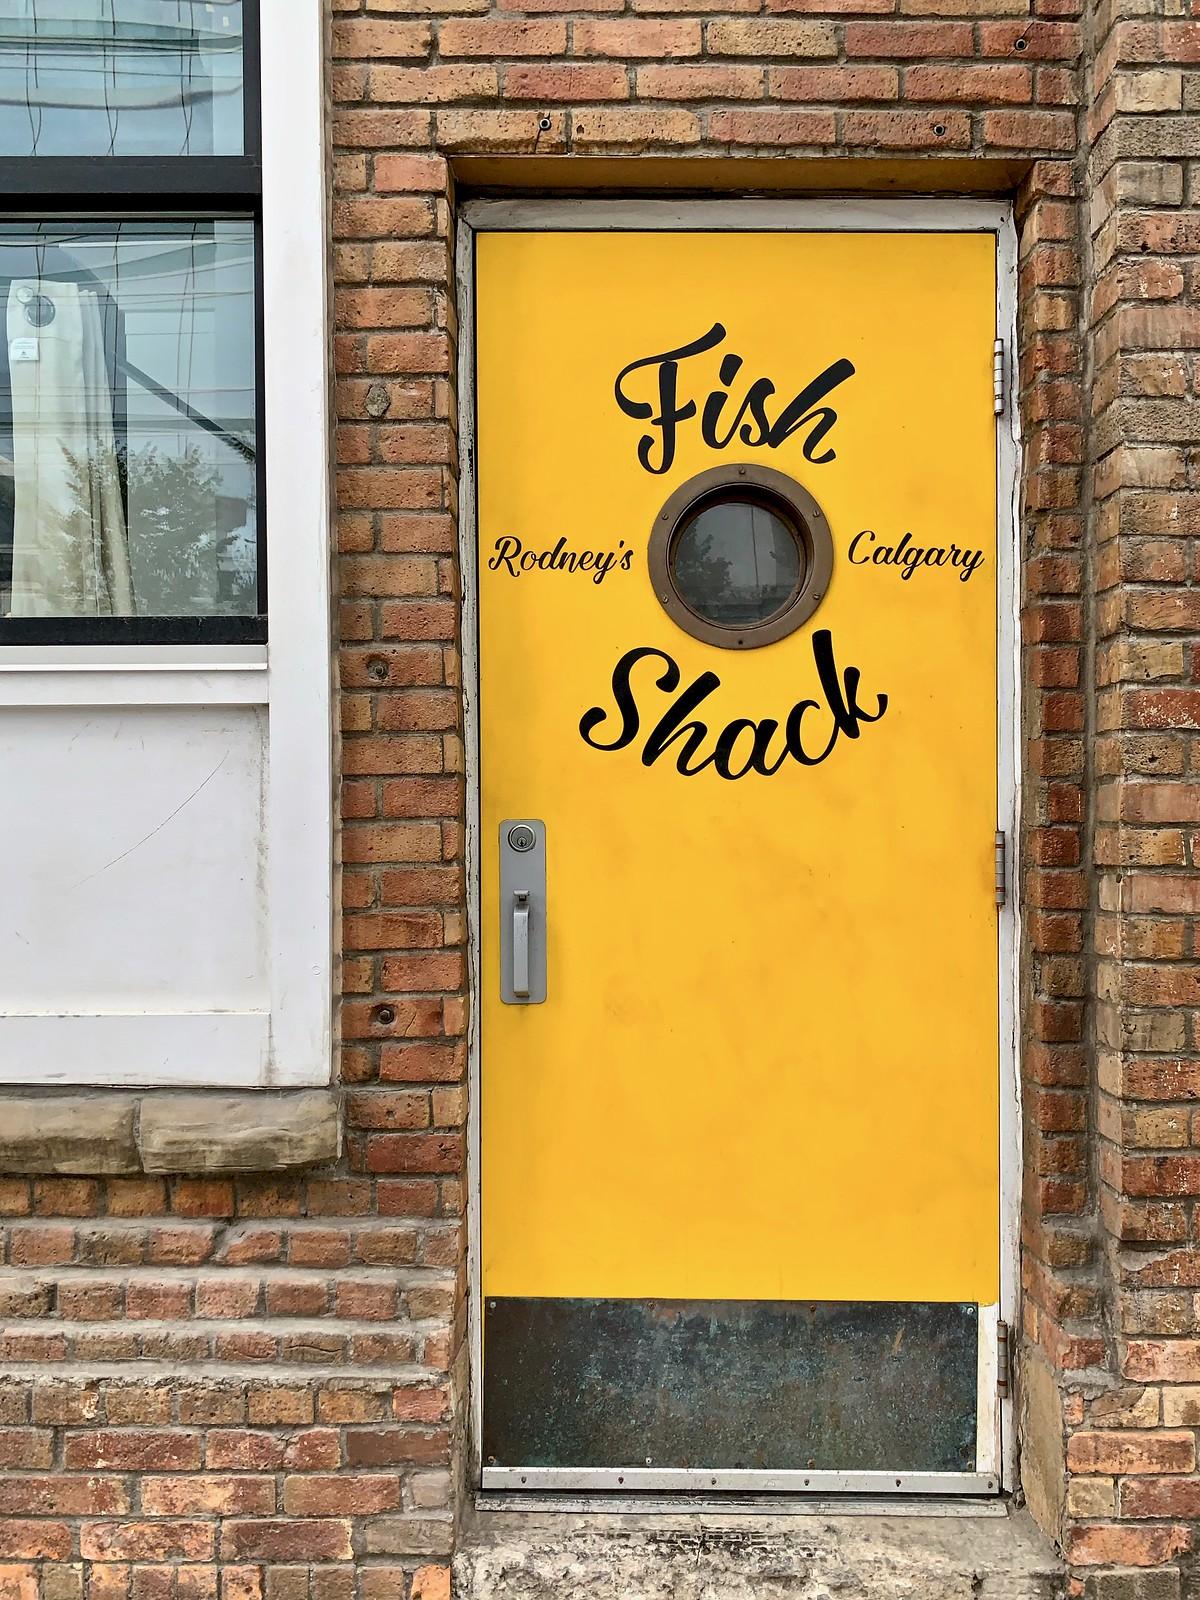 Fish shack, Calgary, Alberta, Canada